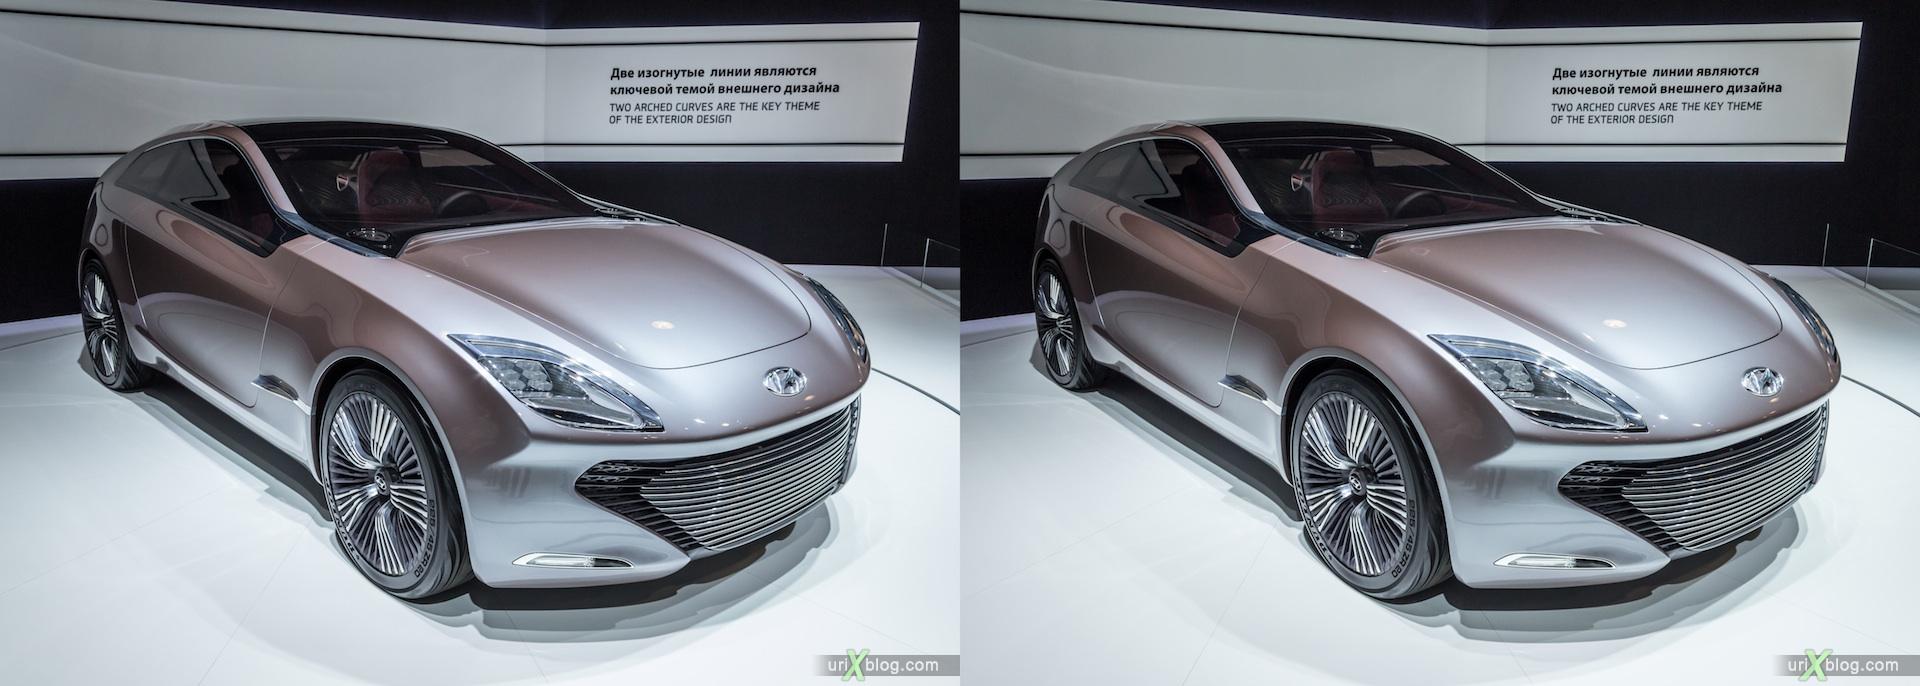 2012, Hyundai, Московский международный автомобильный салон, ММАС, Крокус Экспо, 3D, стереопара